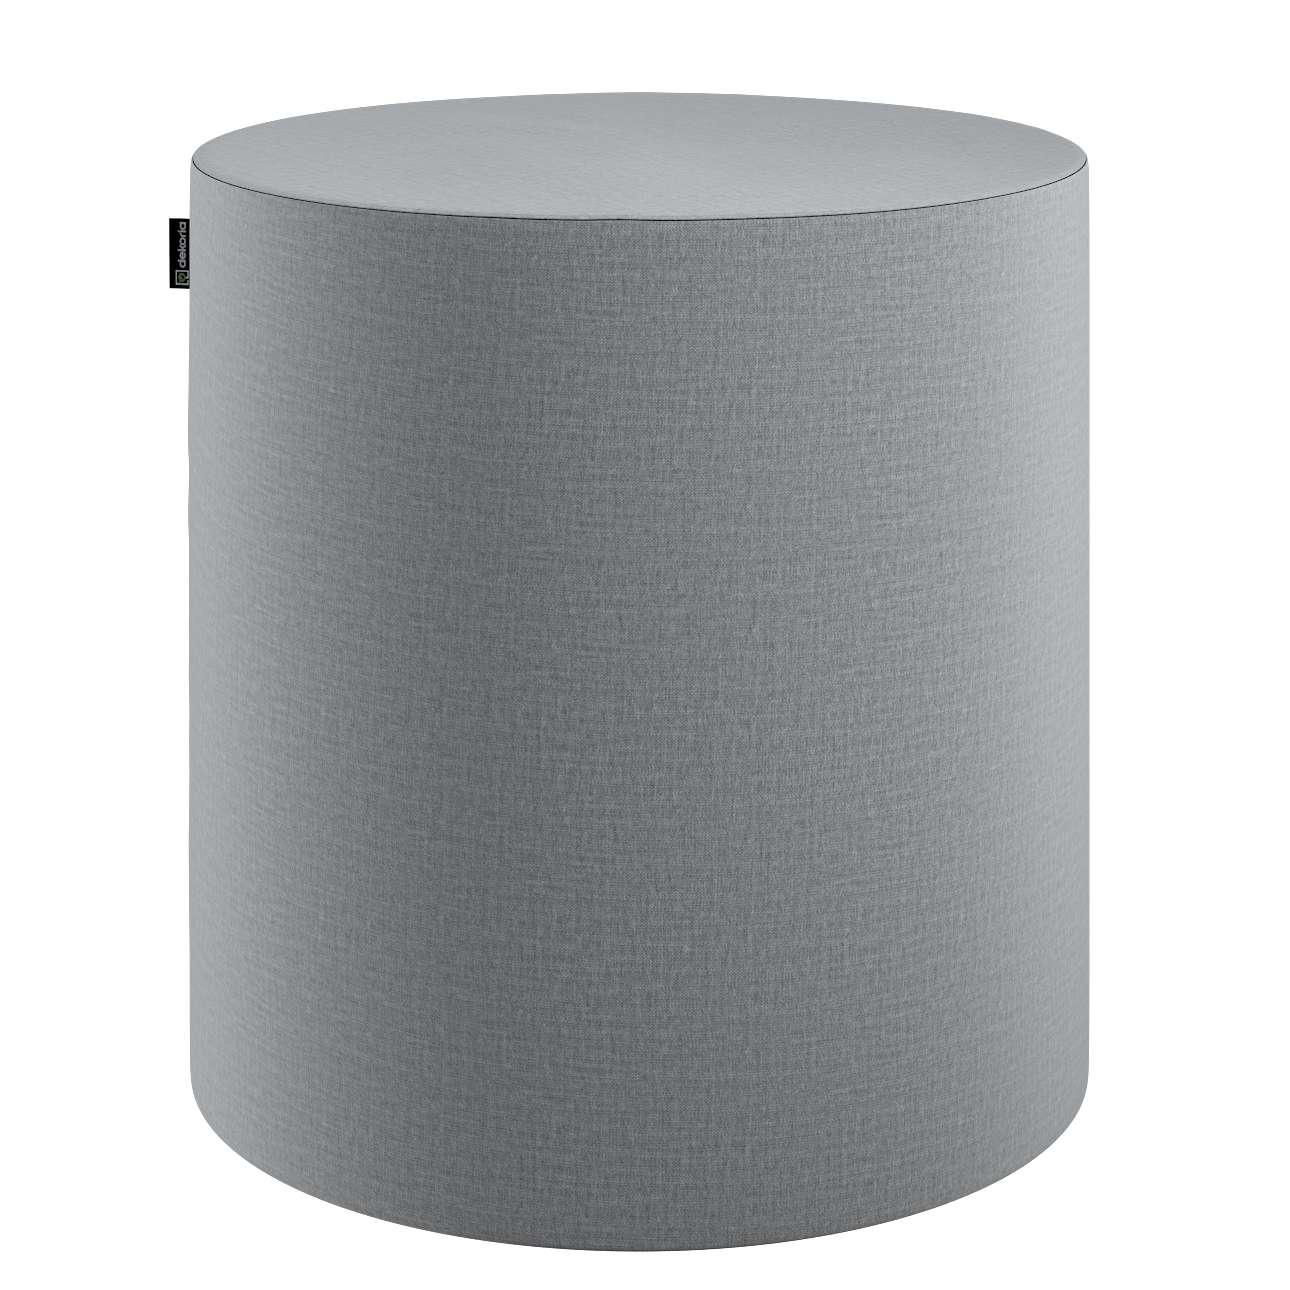 Pouf Barrel von der Kollektion Ingrid, Stoff: 705-42